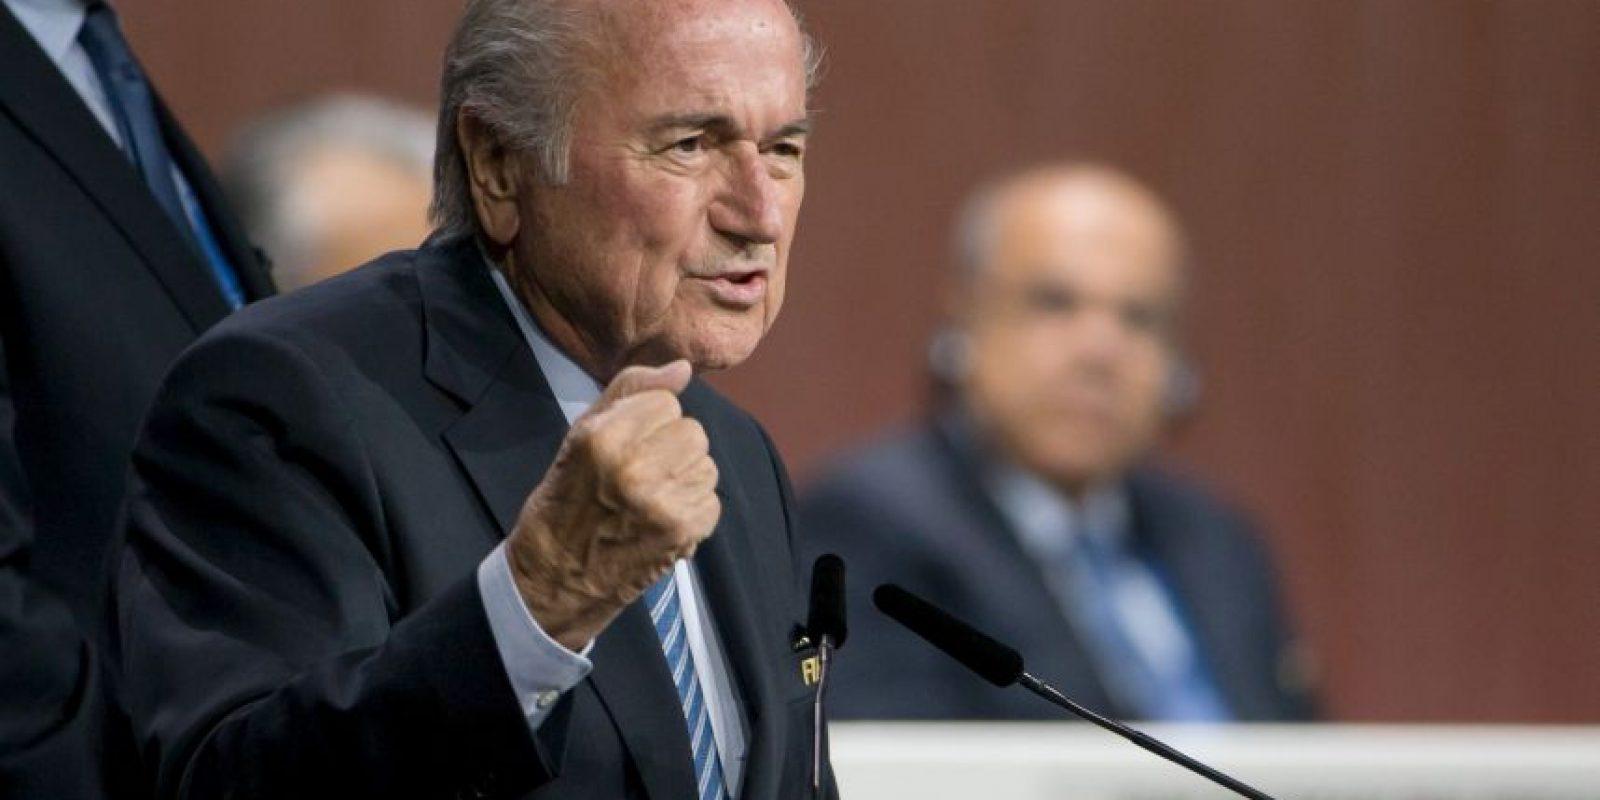 """Además, insinuó que esta será su última reelección pues habló de dejarle una """"FIFA más fuerte"""" a su sucesor. Foto:Getty Images"""